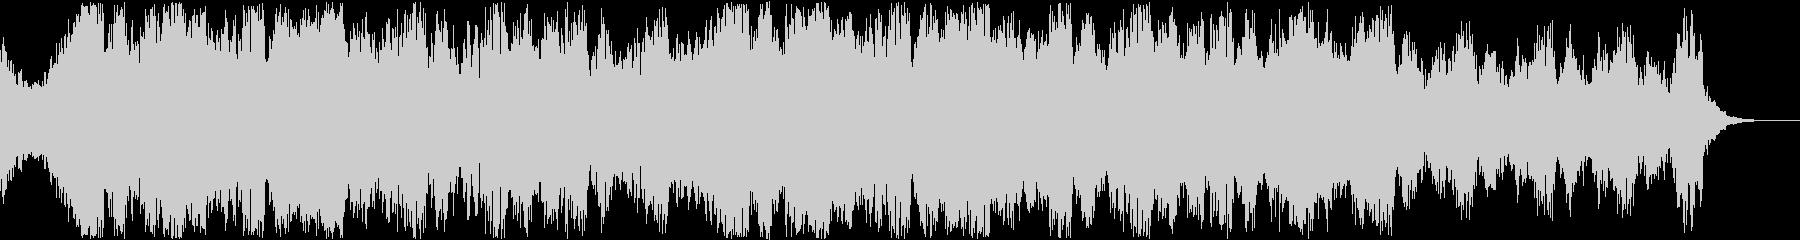 ドラマのサントラ風オーケストラ01_Bの未再生の波形